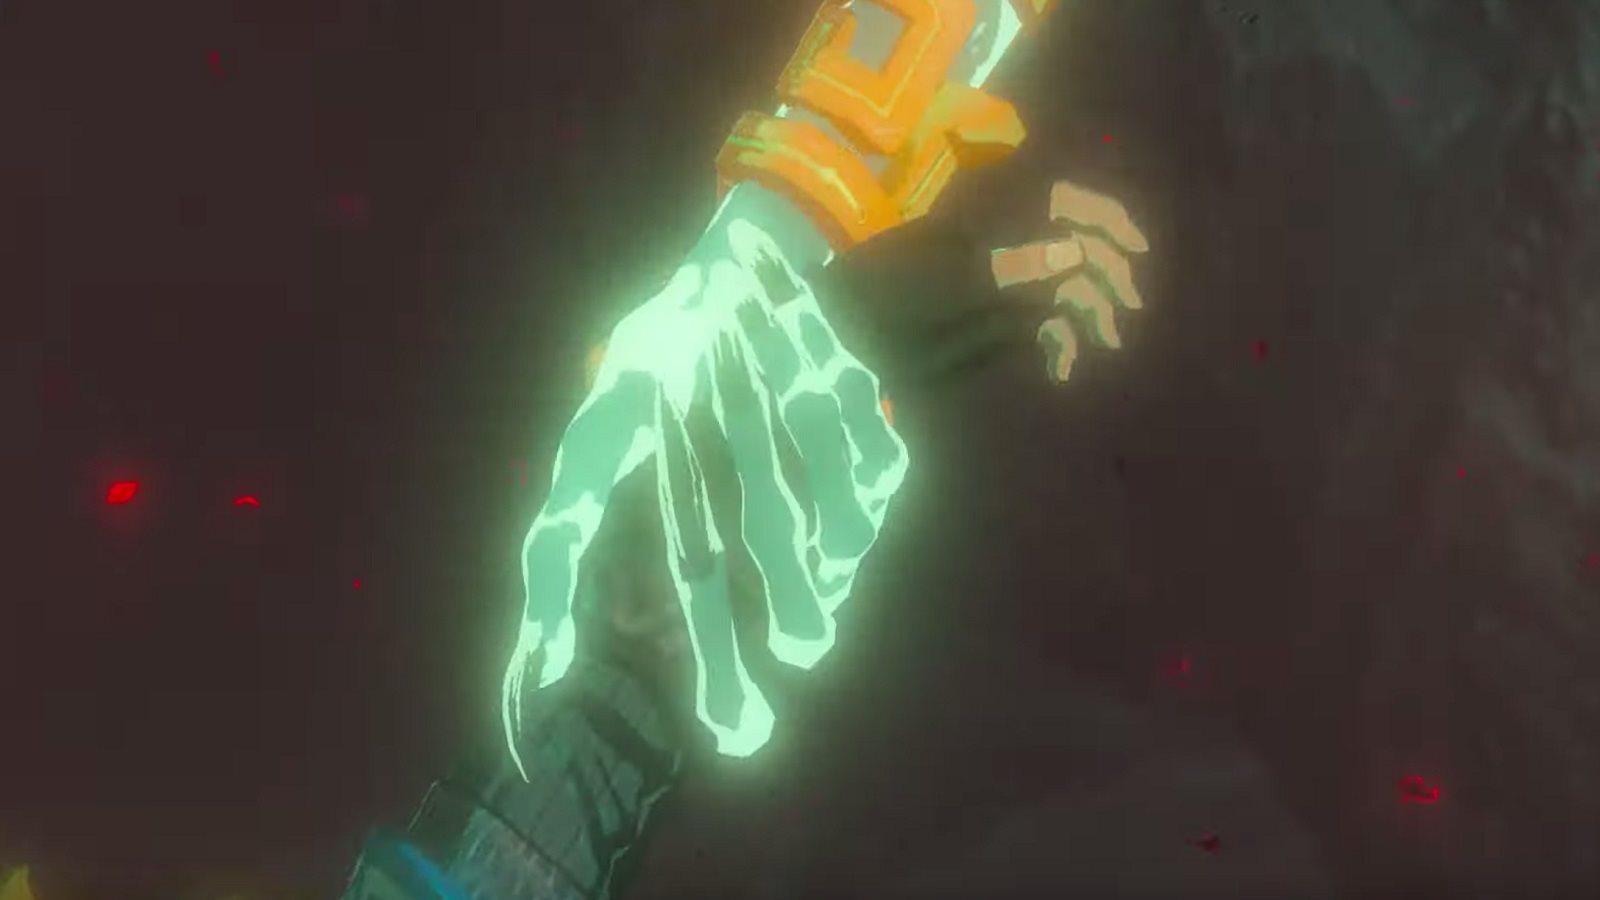 Legend of Zelda: Breath of the Wild 2; trailer: Link